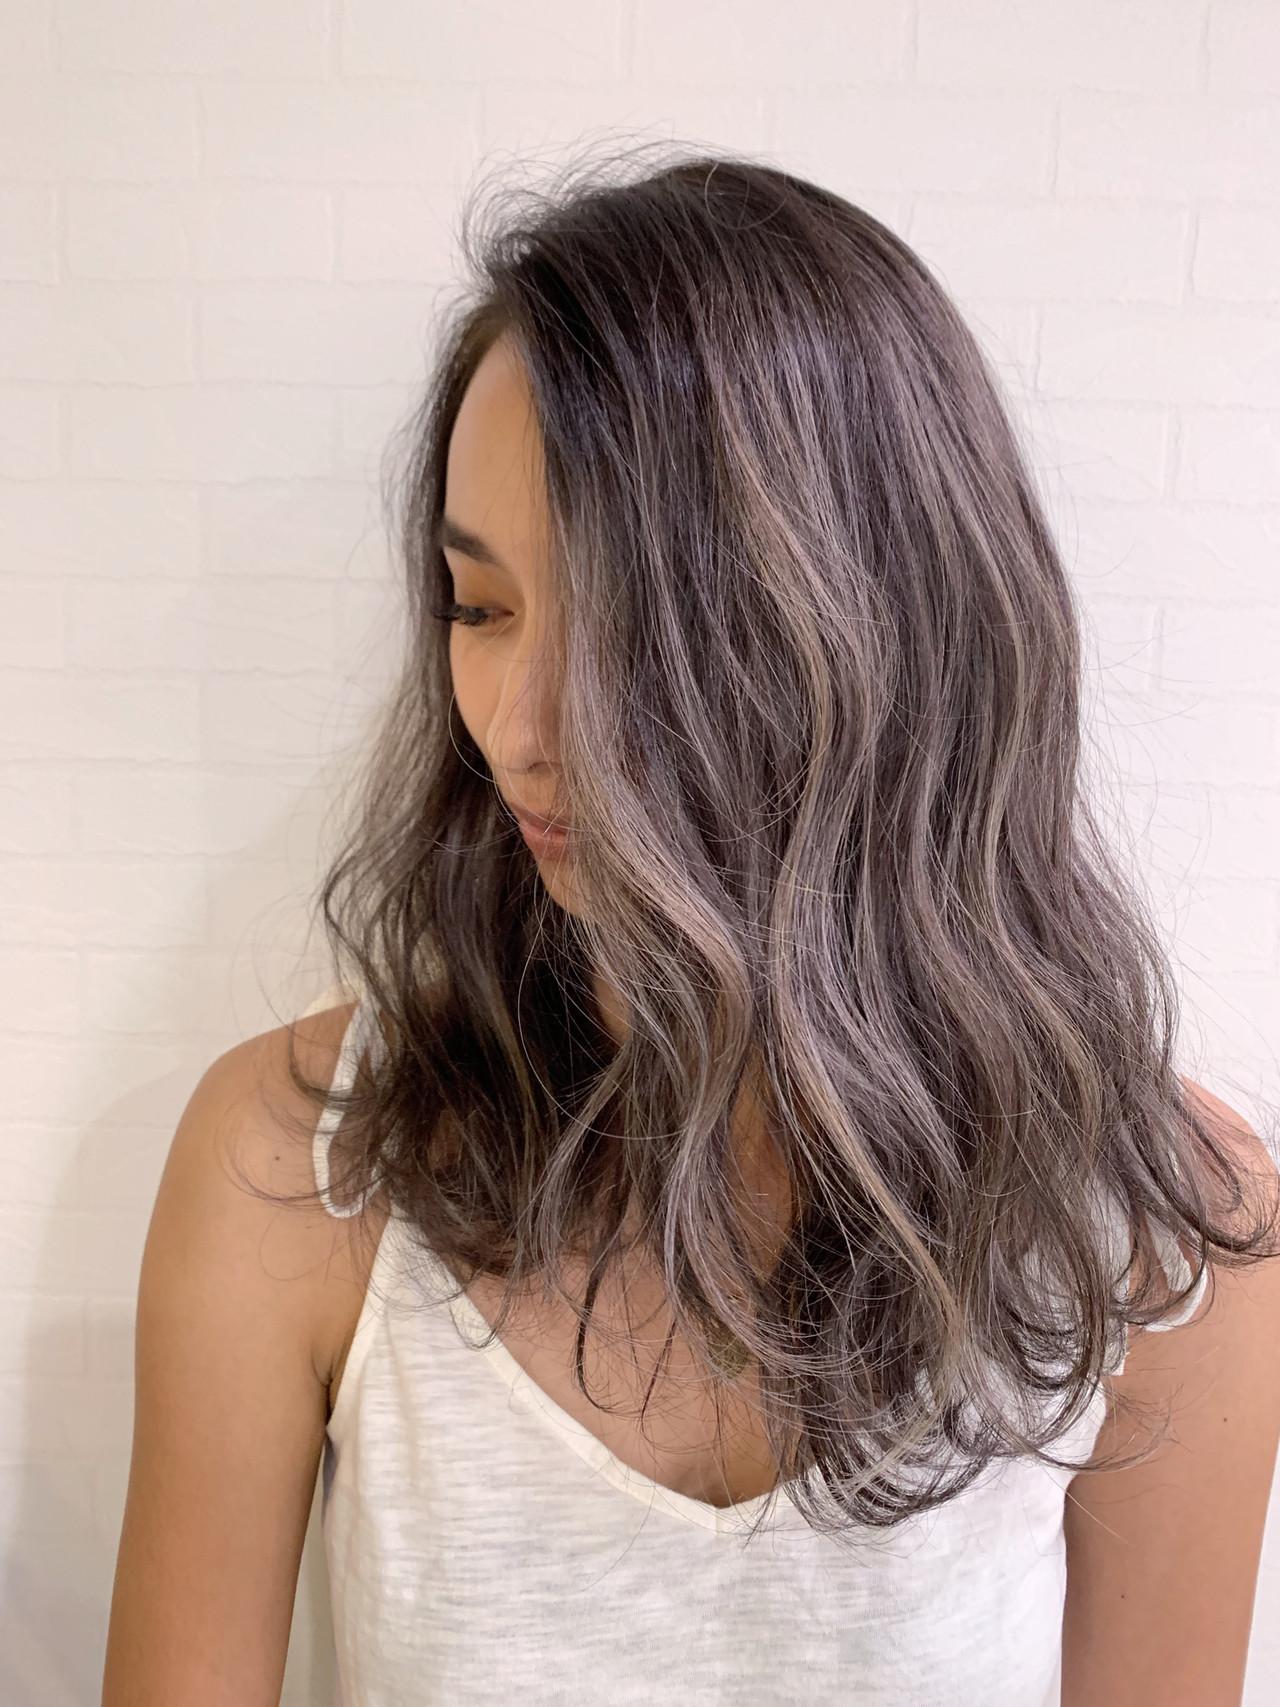 ヘアアレンジ ナチュラル 成人式 ハイライト ヘアスタイルや髪型の写真・画像